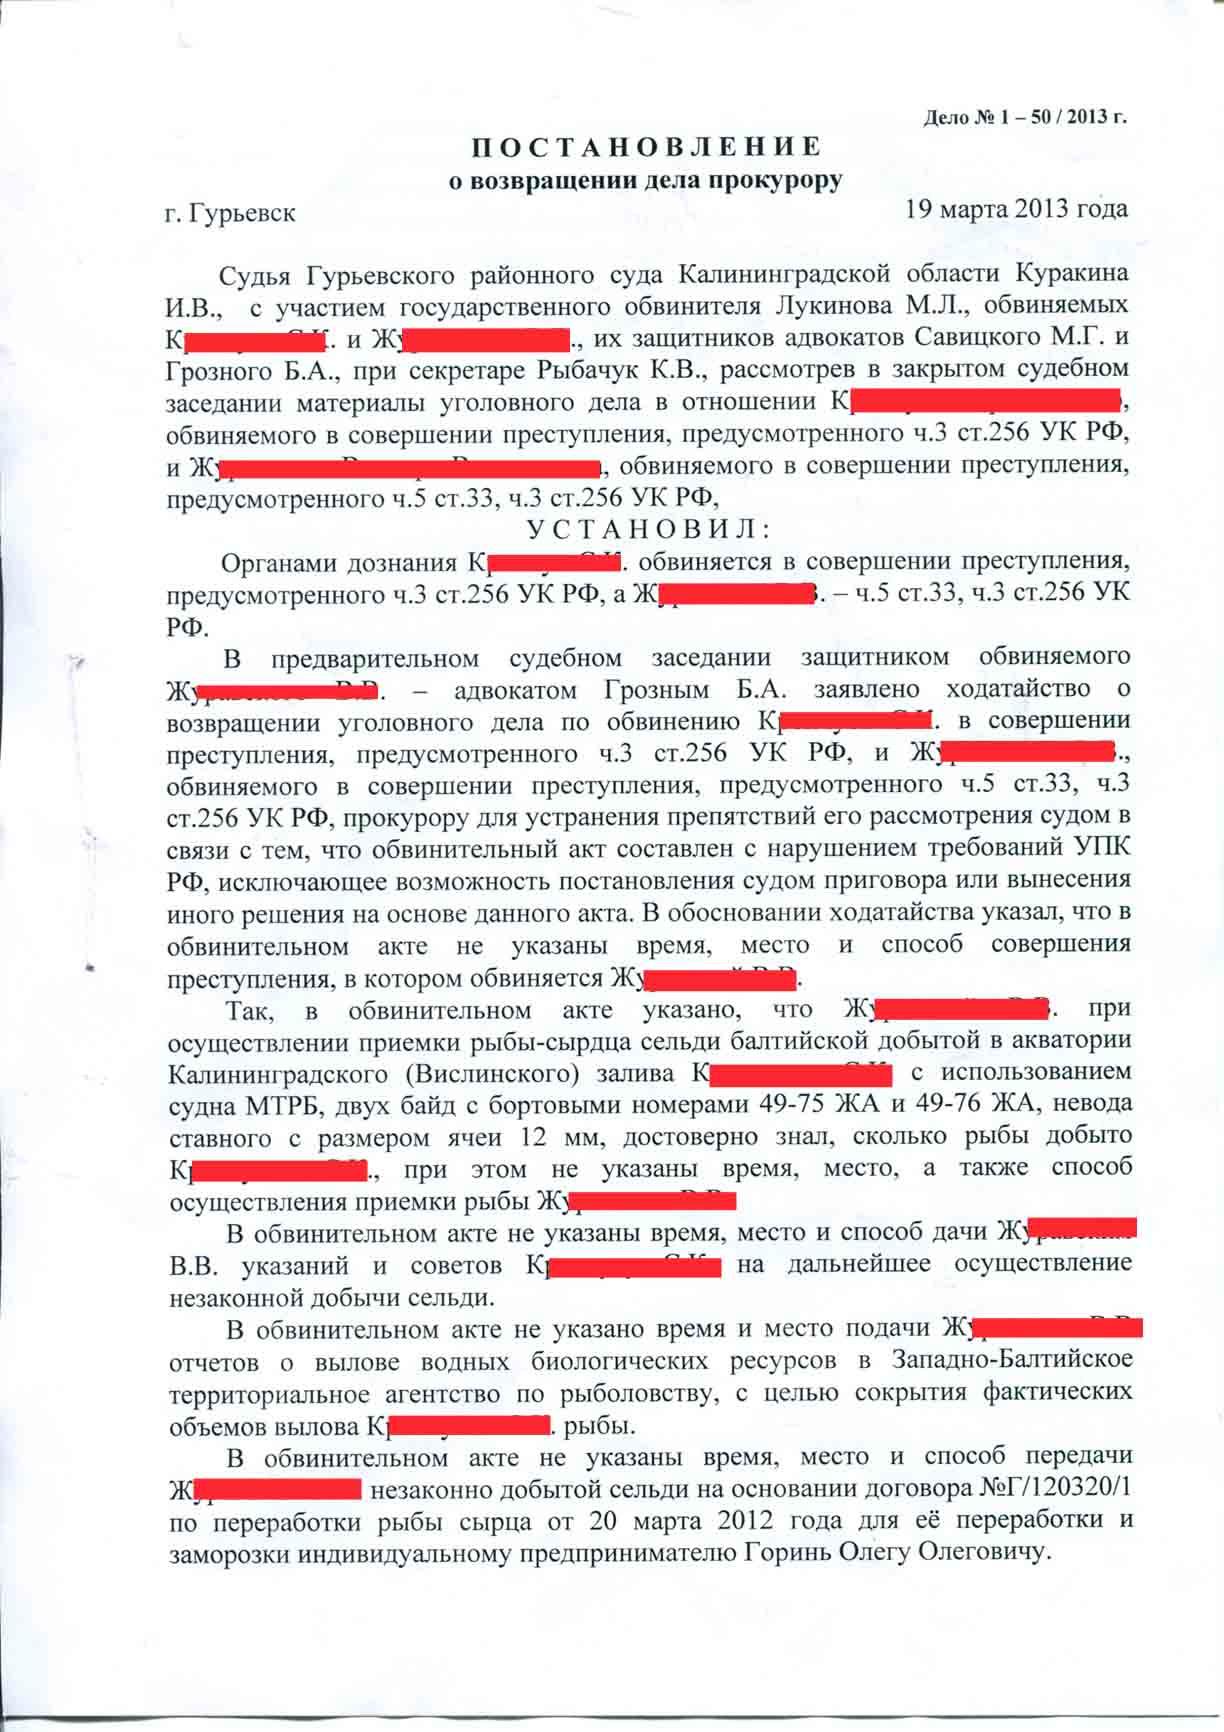 возвращение дела прокурором на дополнительное расследование